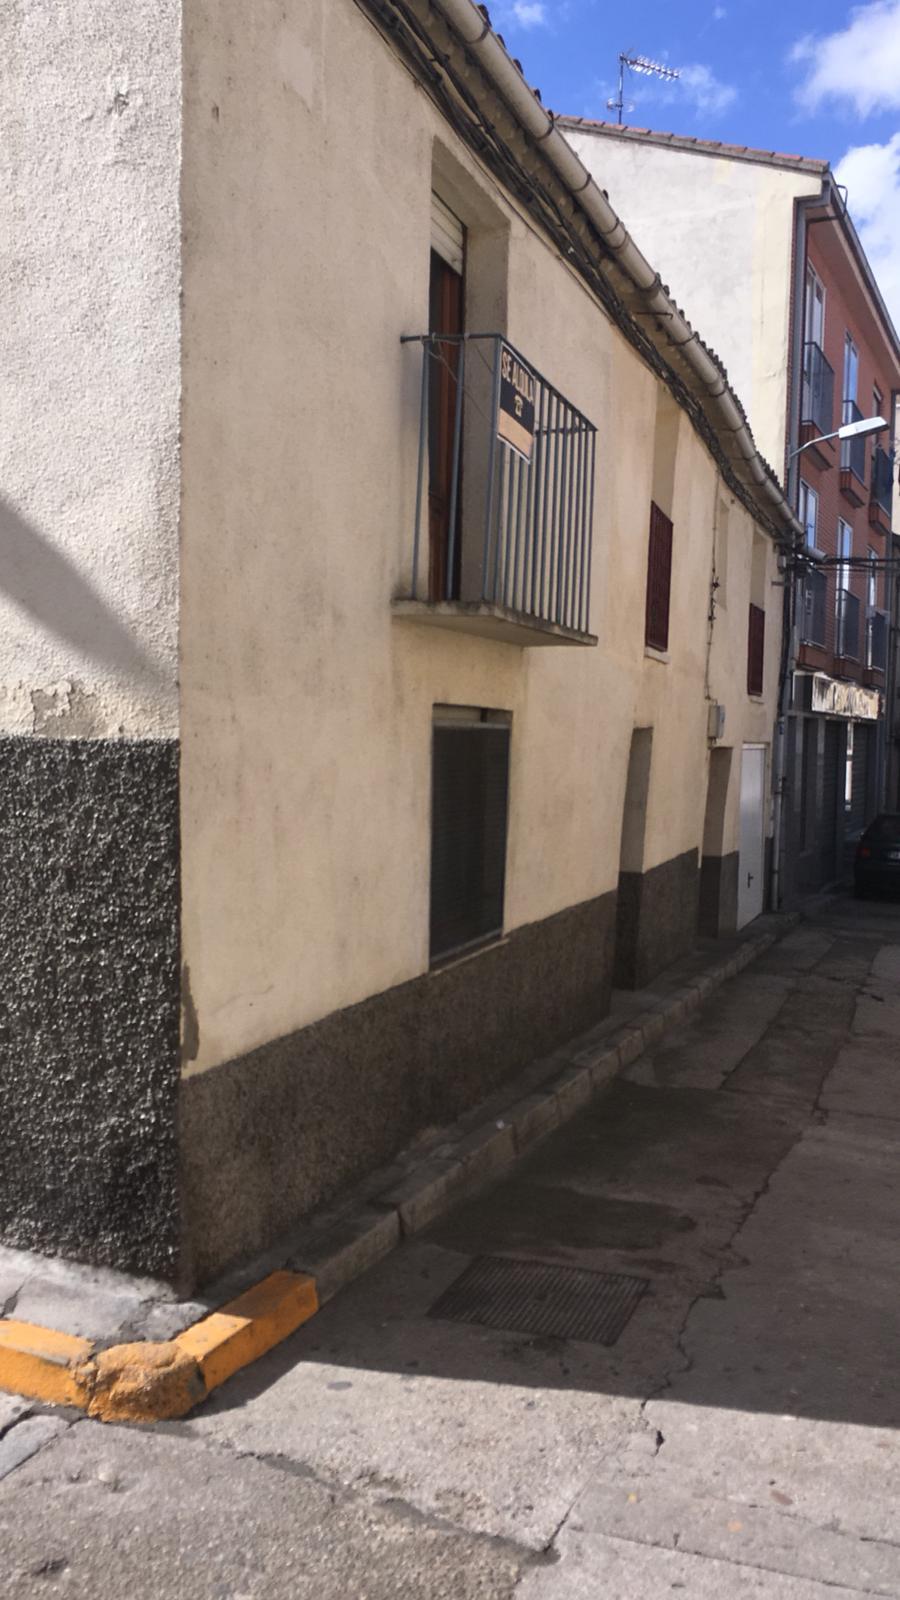 CASA EN ALBA DE TORMES (REF: ALBA-2) - foto 1 6432752a-95e1-4ad3-8984-84261518e4ac.jpg